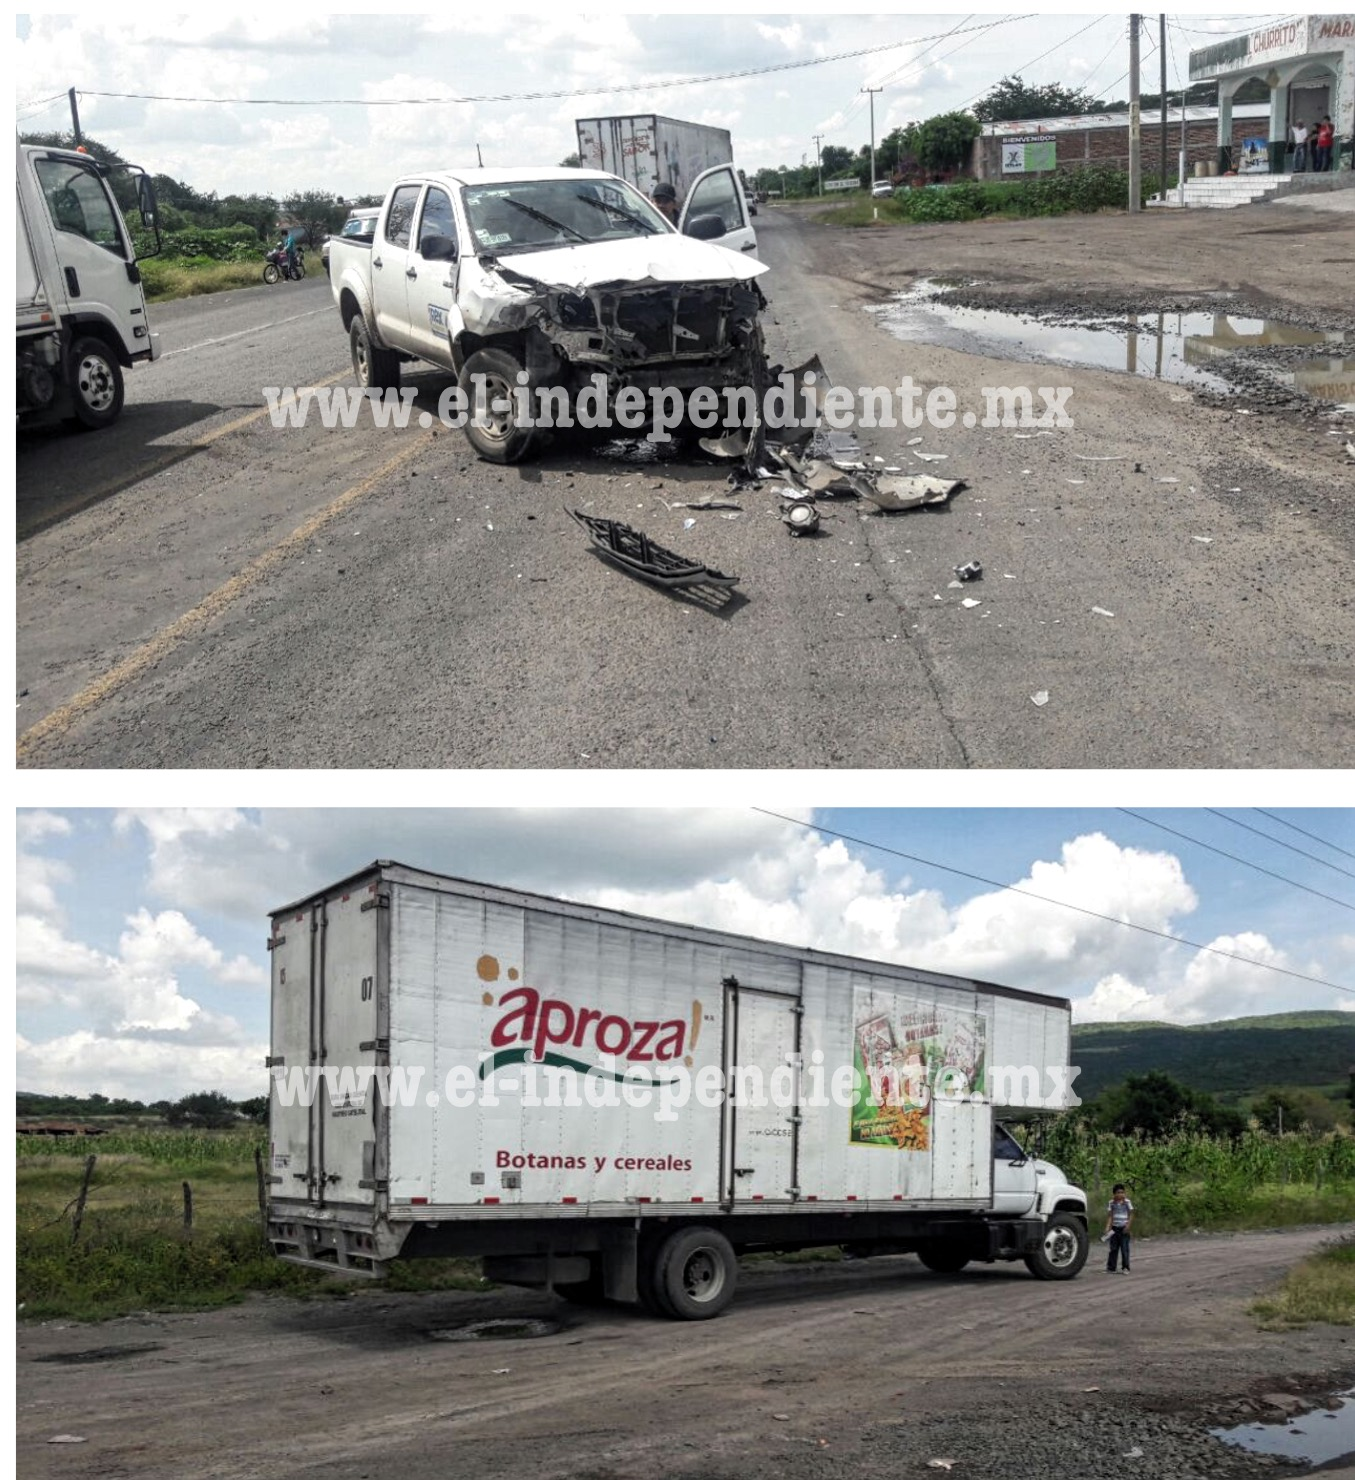 Cuantiosos daños materiales tras choque en Ixtlán